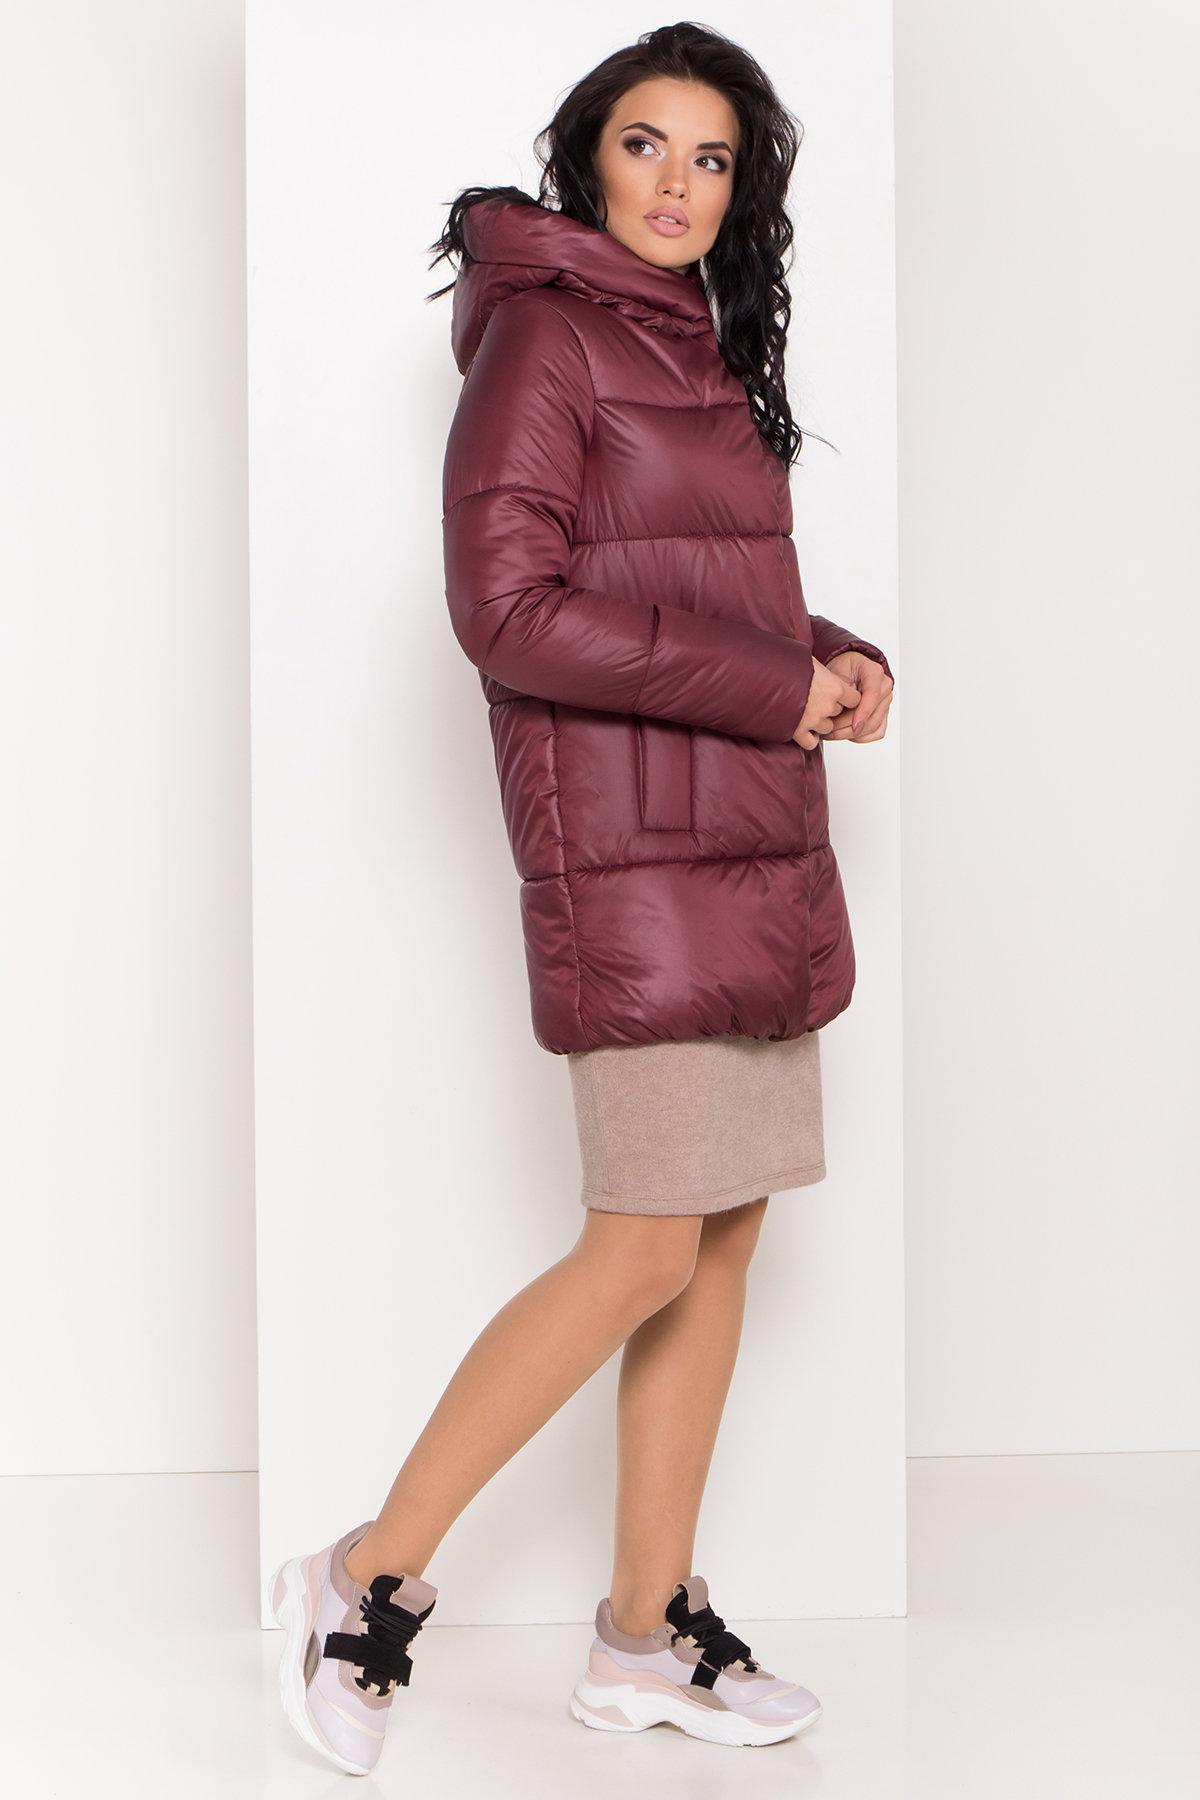 зимние женские пуховики Женская зимняя куртка пуховик Техас Лаке 8238